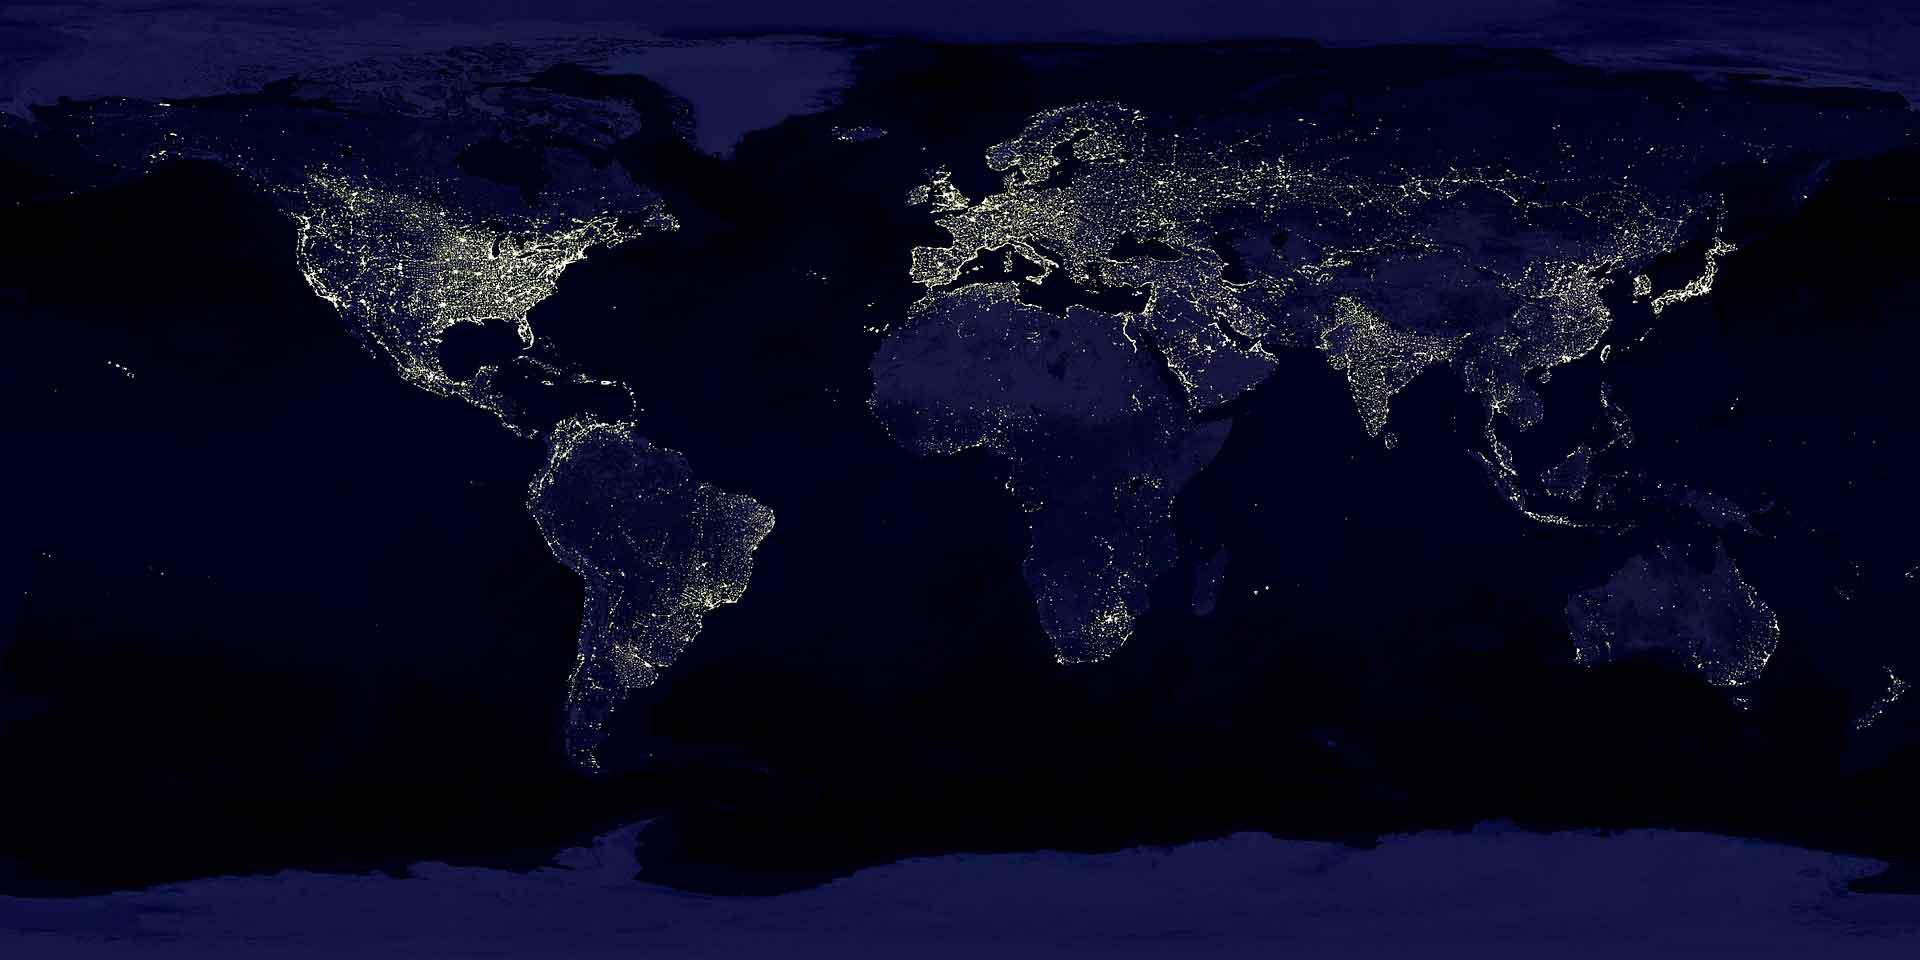 Ночная Земля становится светлее